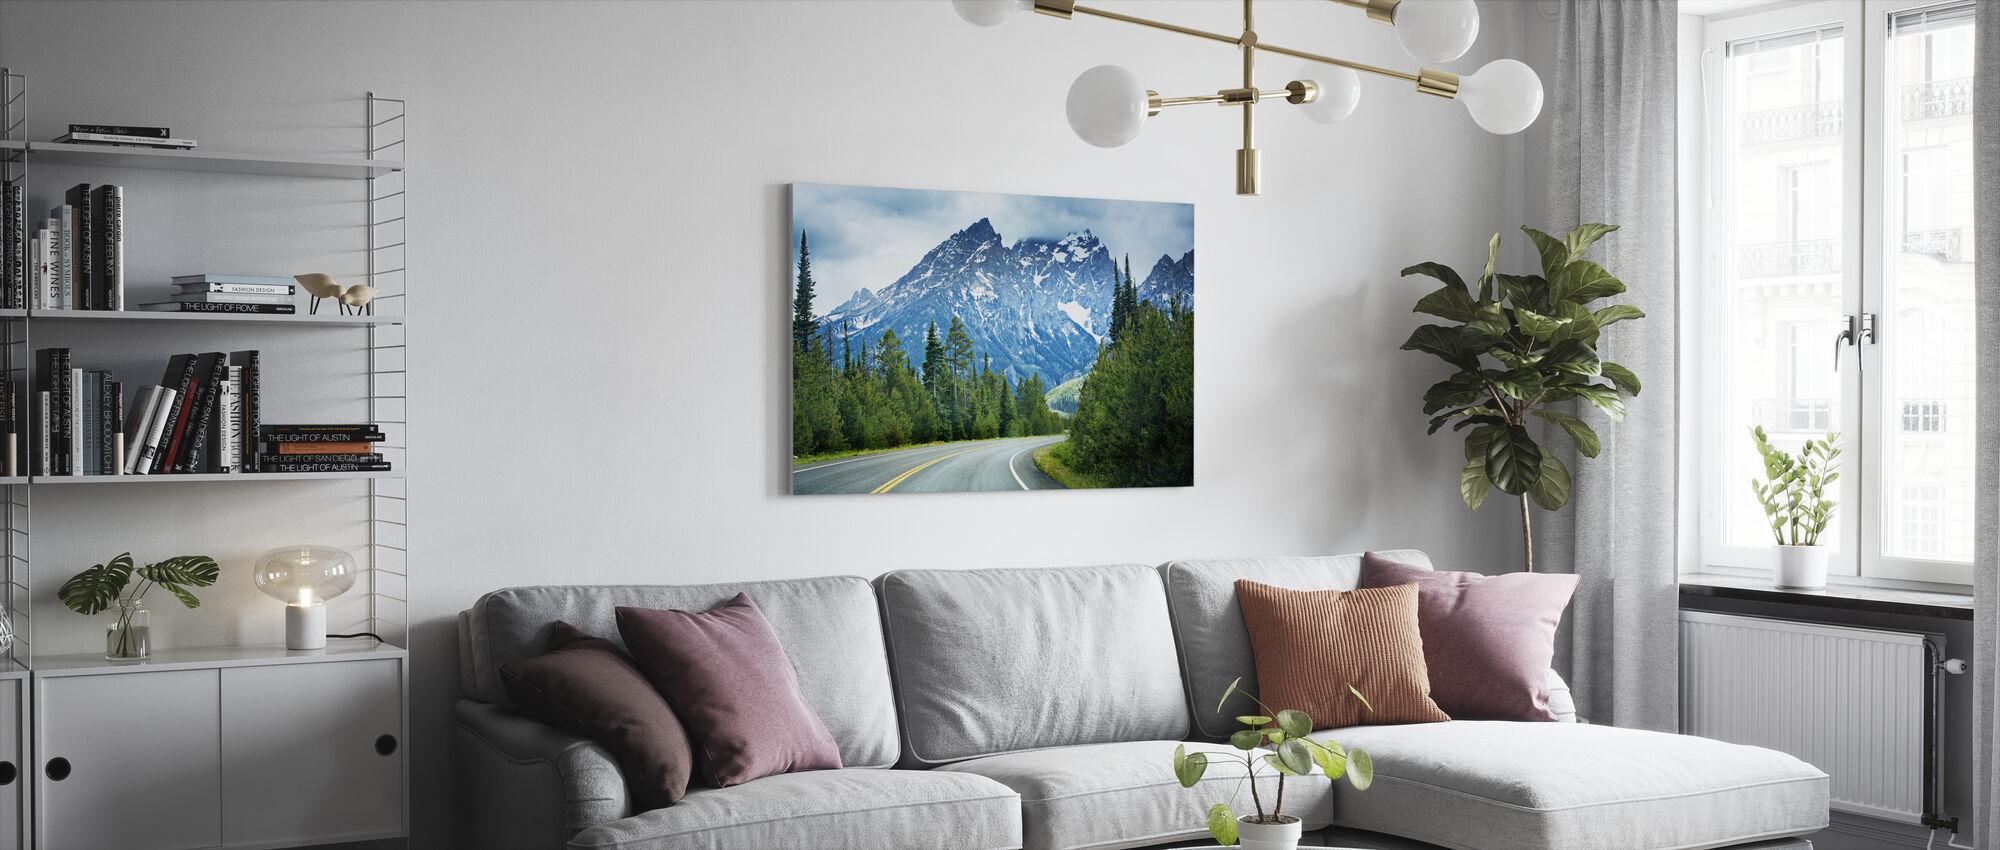 Scherpe bocht - Canvas print - Woonkamer